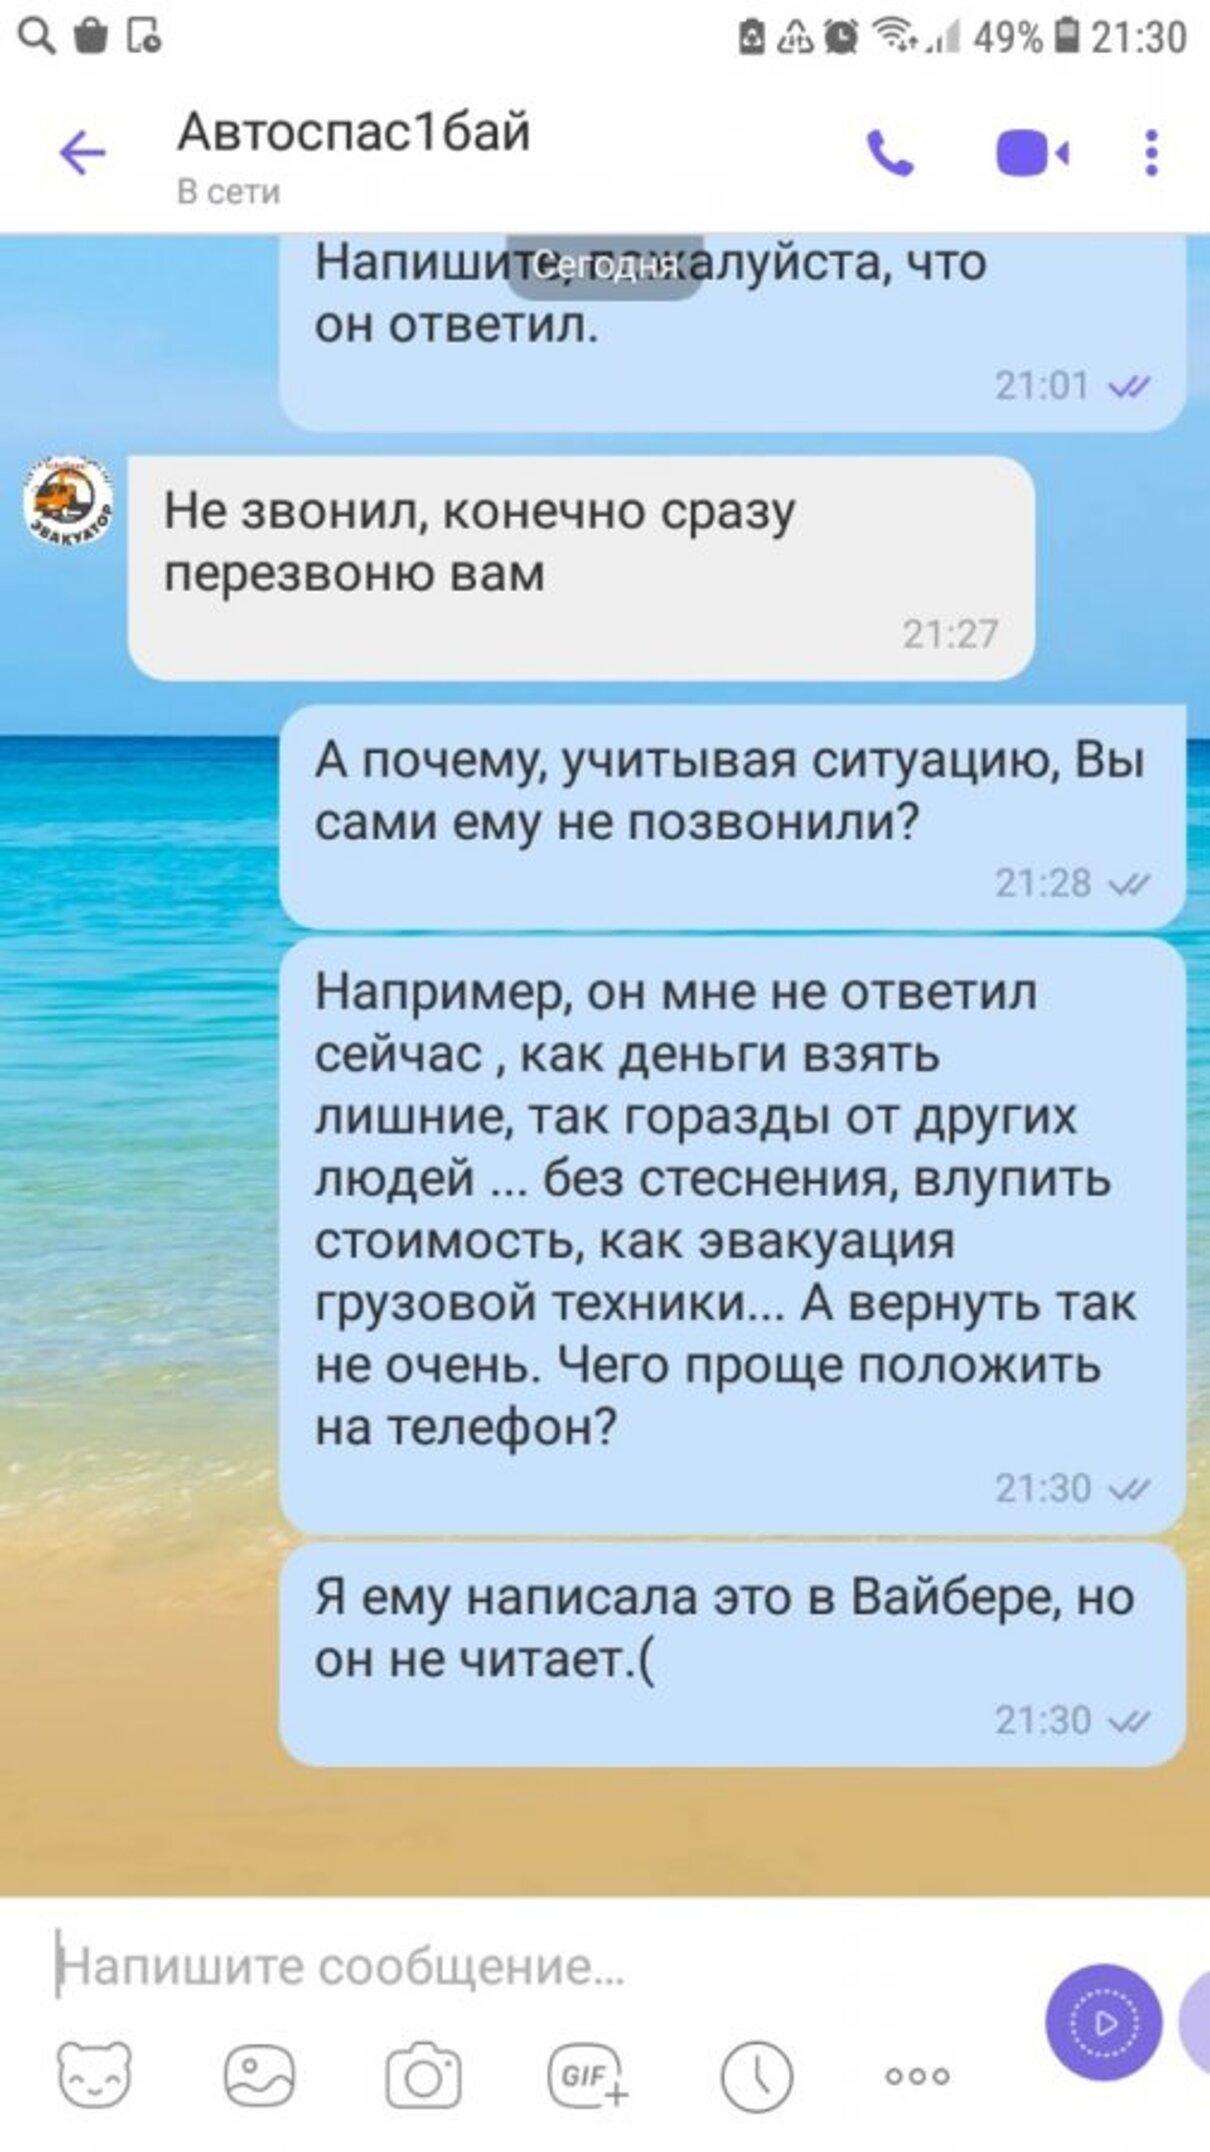 Жалоба-отзыв: Автопомощь avtospas1.by - Авторазвод, мошенничество.  Фото №2